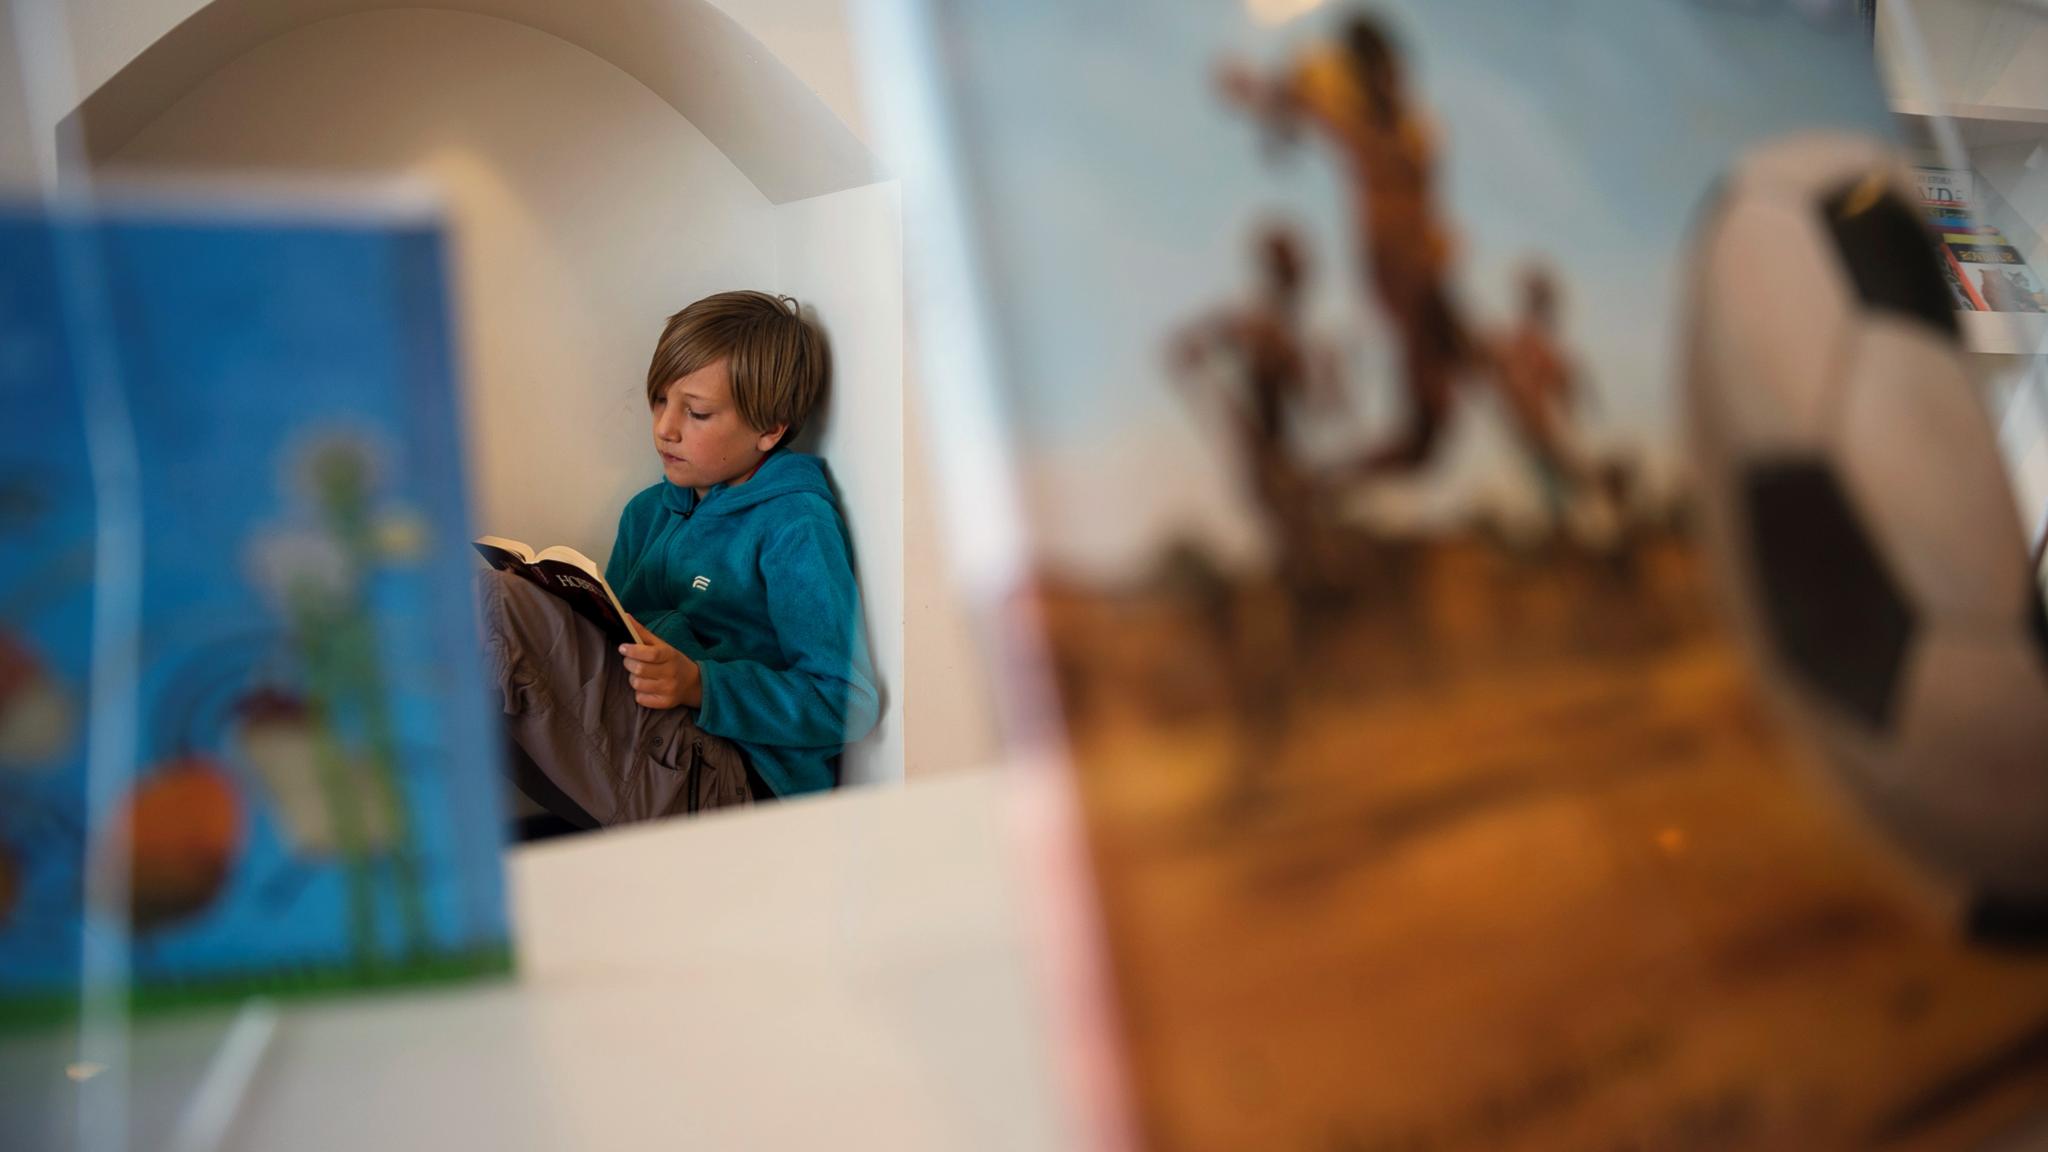 För vissa är läsningen ett förräderi